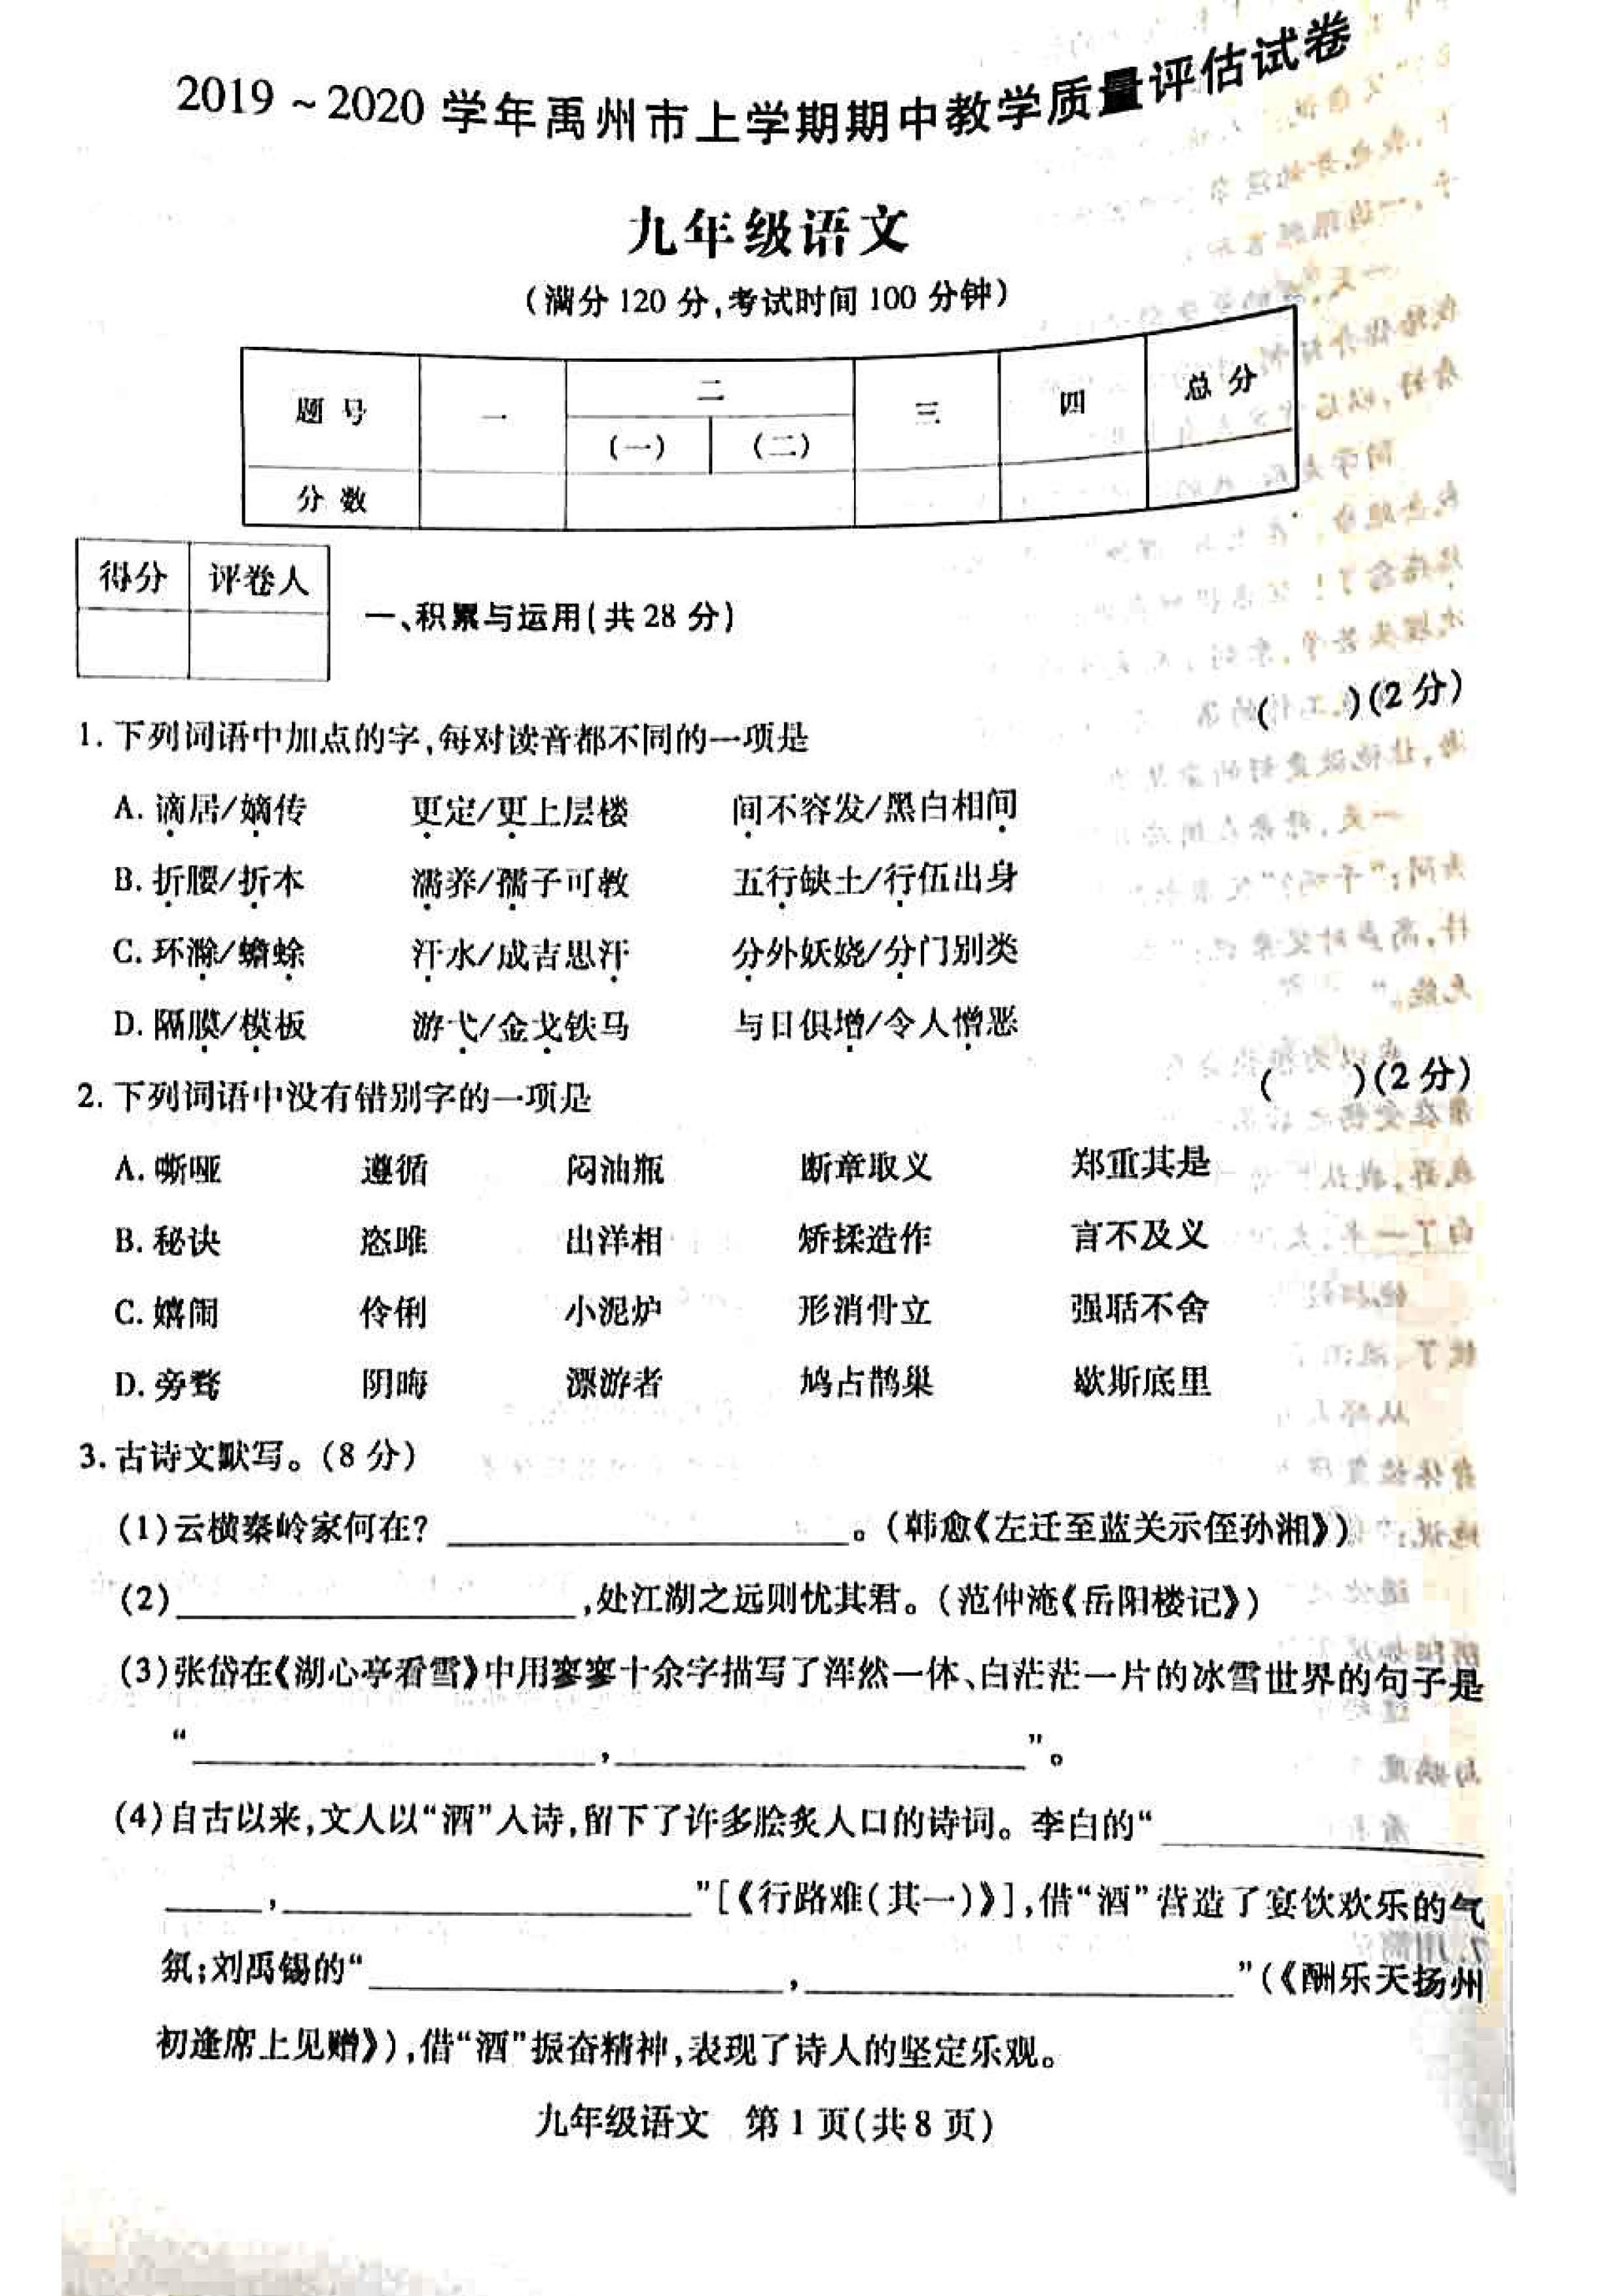 2019-2020河南许昌初三期中语文模拟试题及答案(PDF下载版)